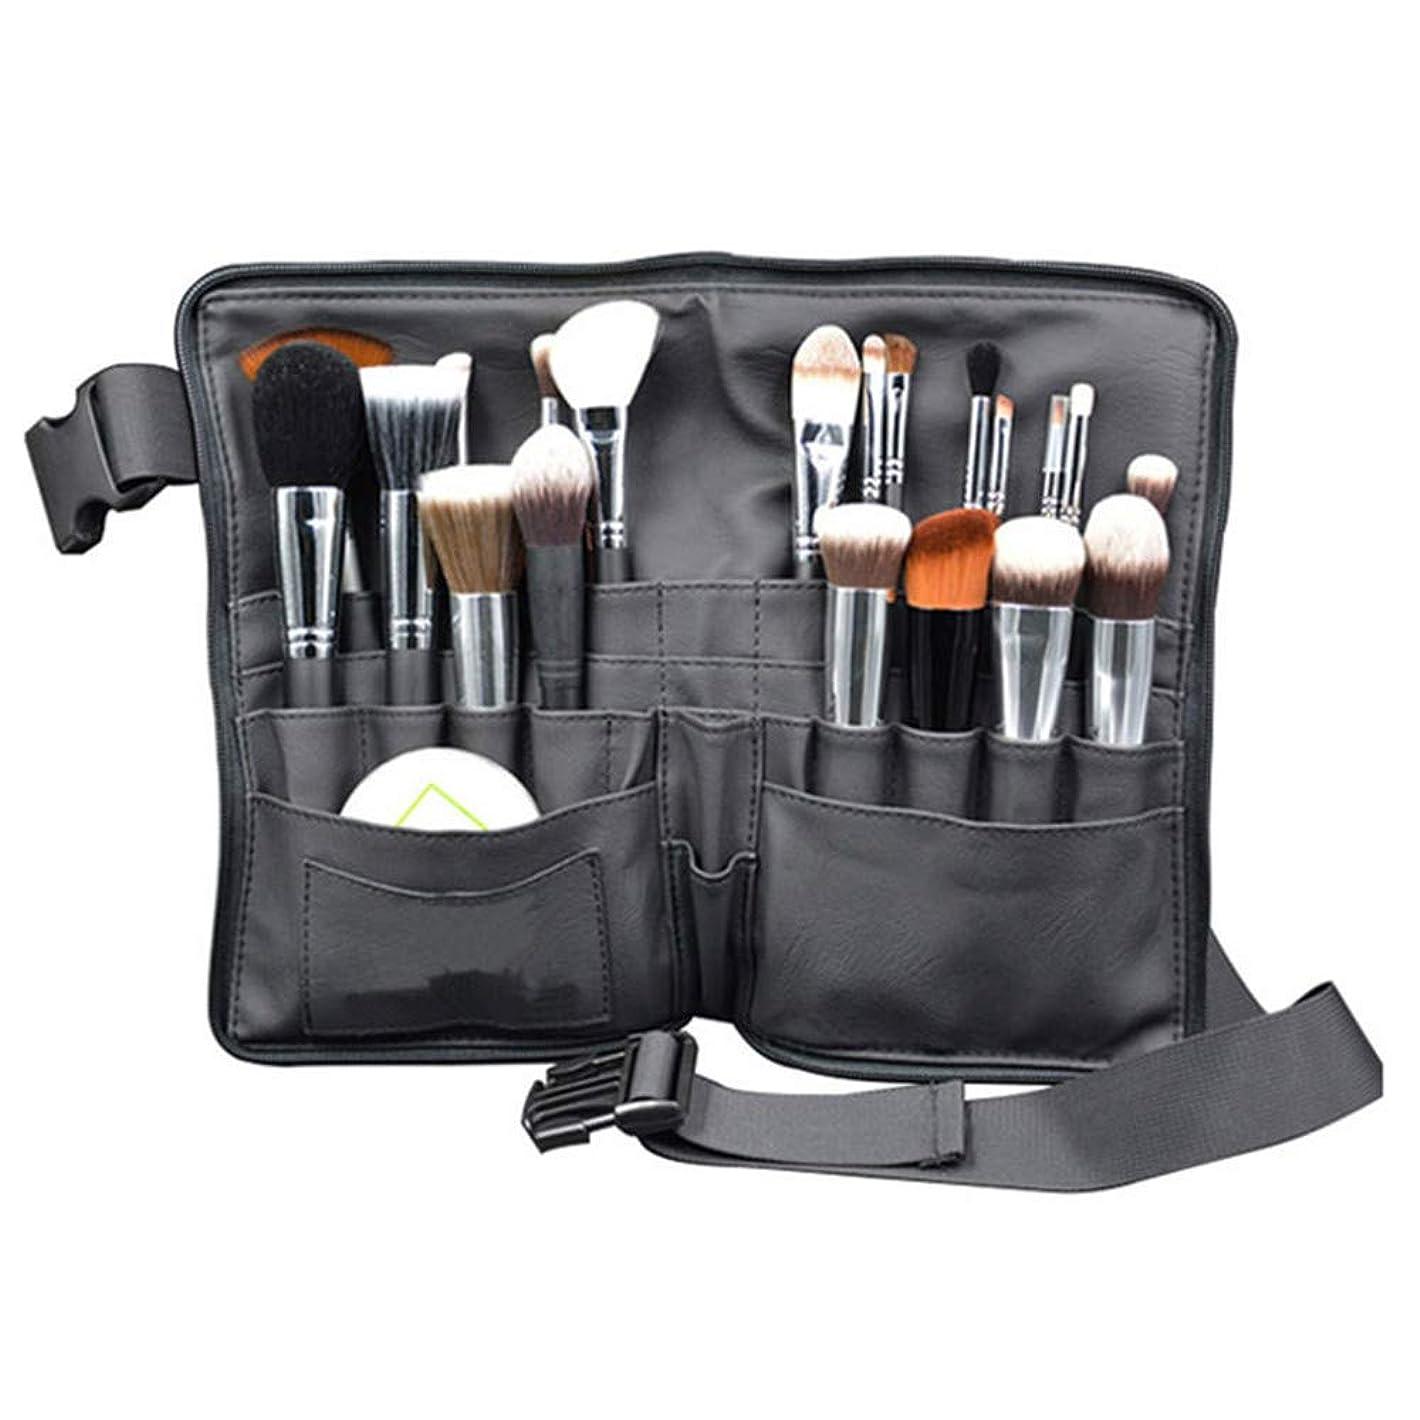 奇妙な異形愛メイクブラシバッグ Akane プロ 化粧師 専用 ウエストポーチ 超大容量 全収納 便利 防水 収納 舞台 ブラック 化粧バッグ